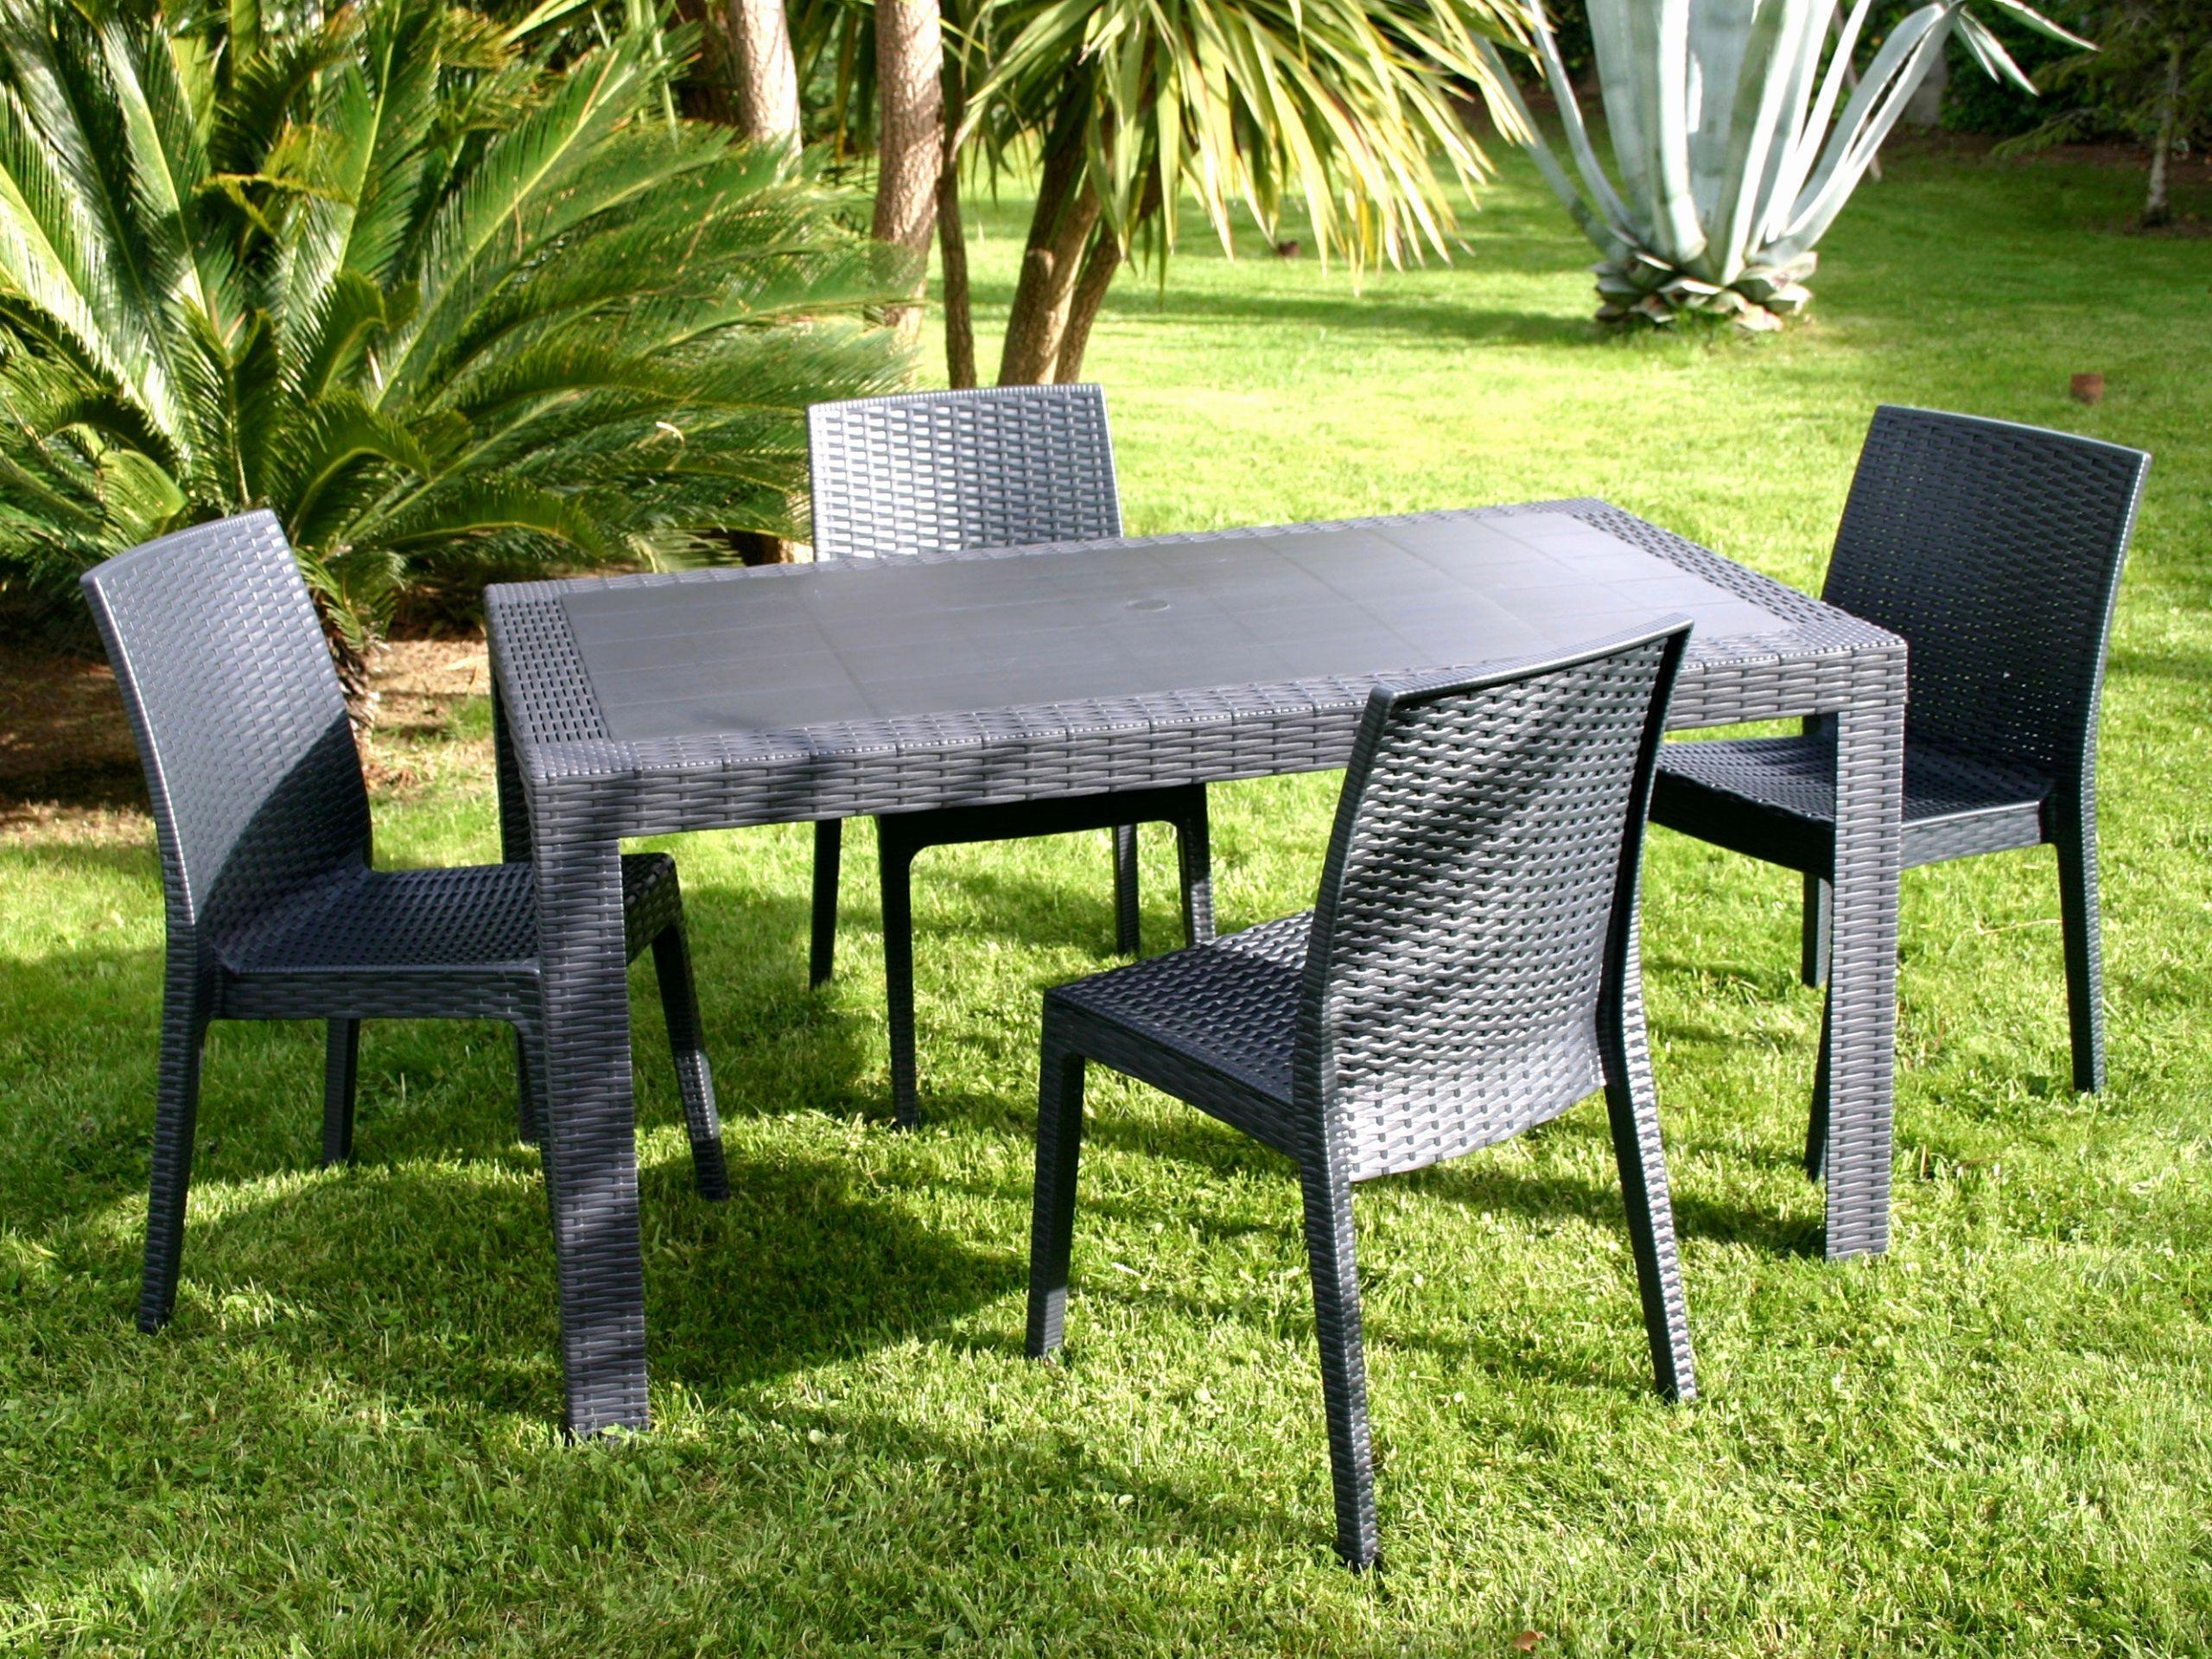 Table Exterieur Carrefour Best Of Catalogue Carrefour Abris ... concernant Salon Jardin Resine Carrefour